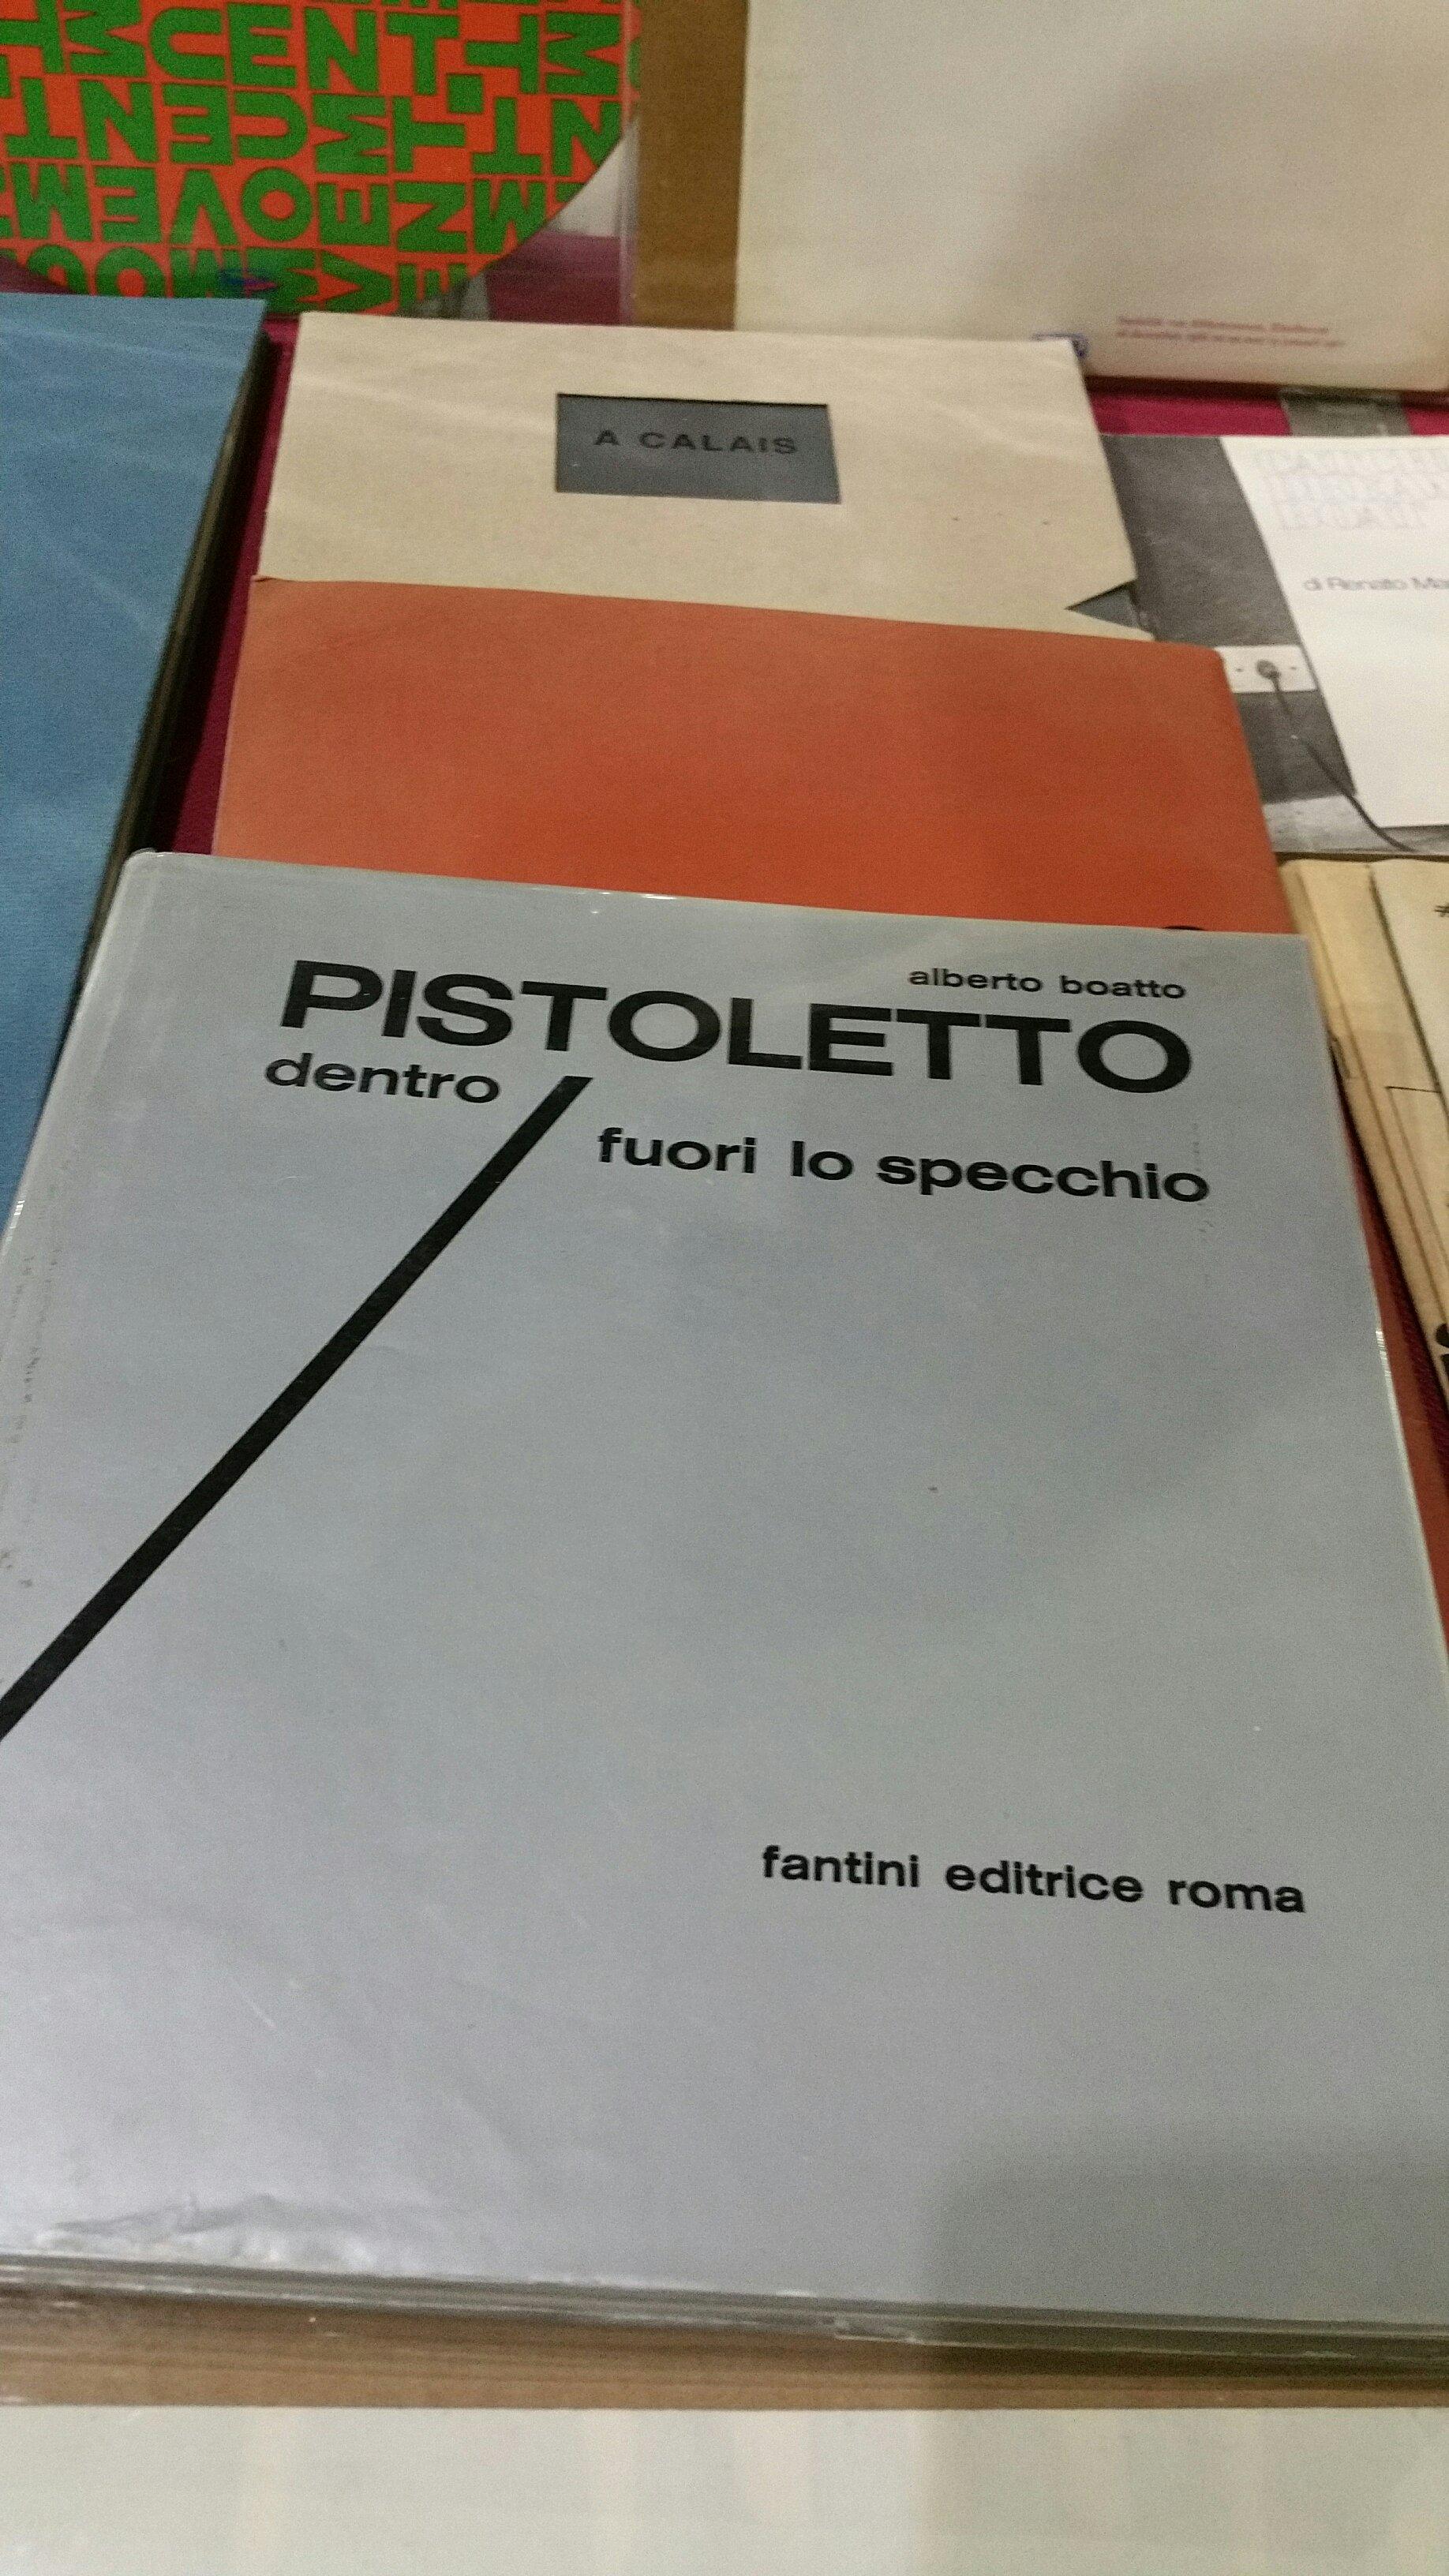 Salone del libro usato di milano 2018 ultima giornata - Porta portese milano ...